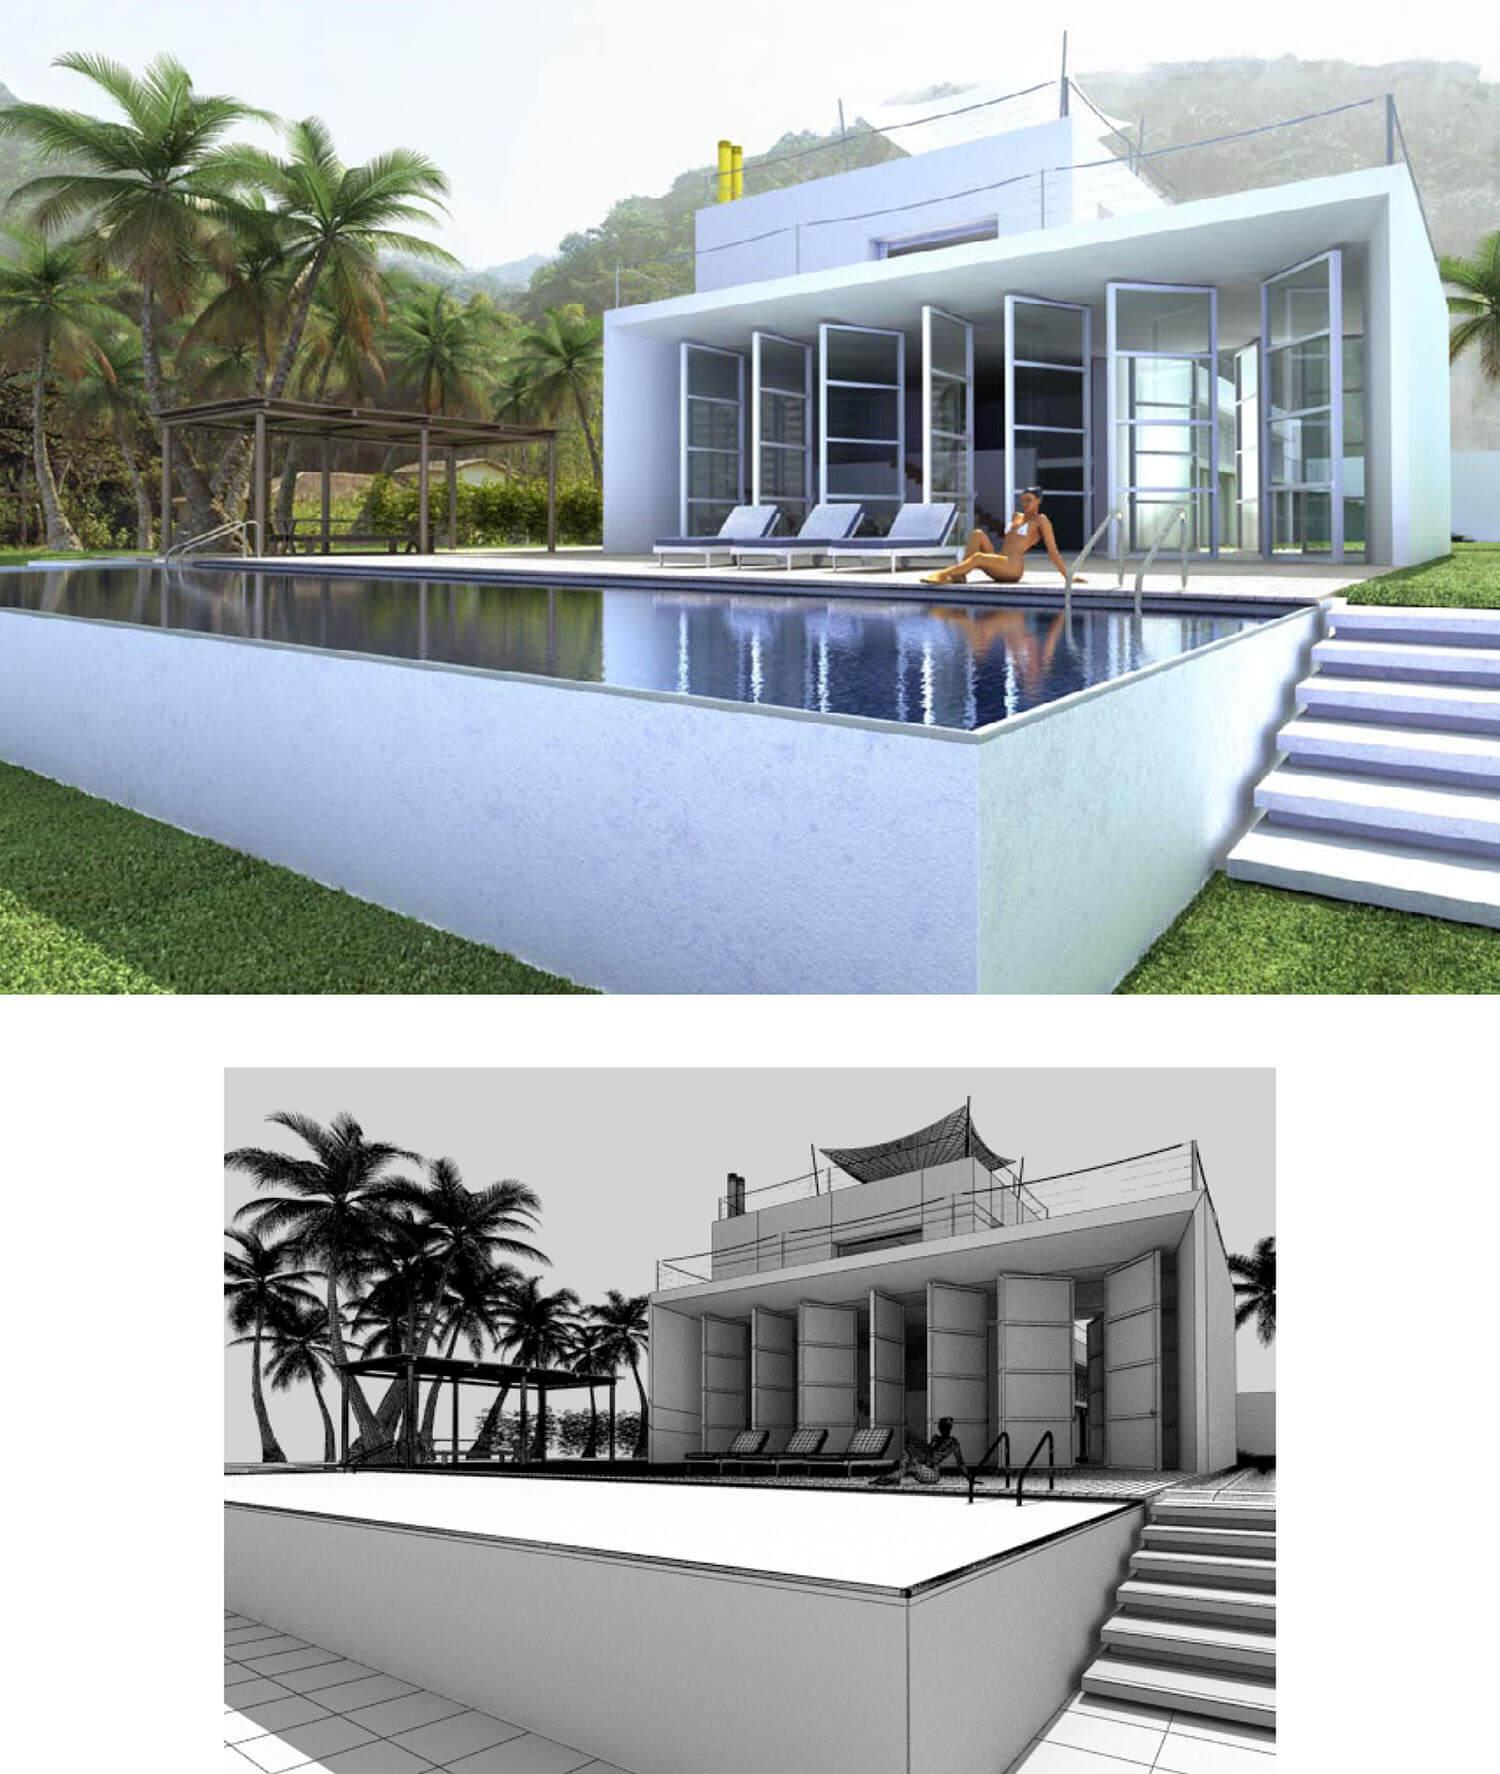 Thiết kế bể bơi biệt thự với sân vườn rộng như bơi giữa thiên nhiên